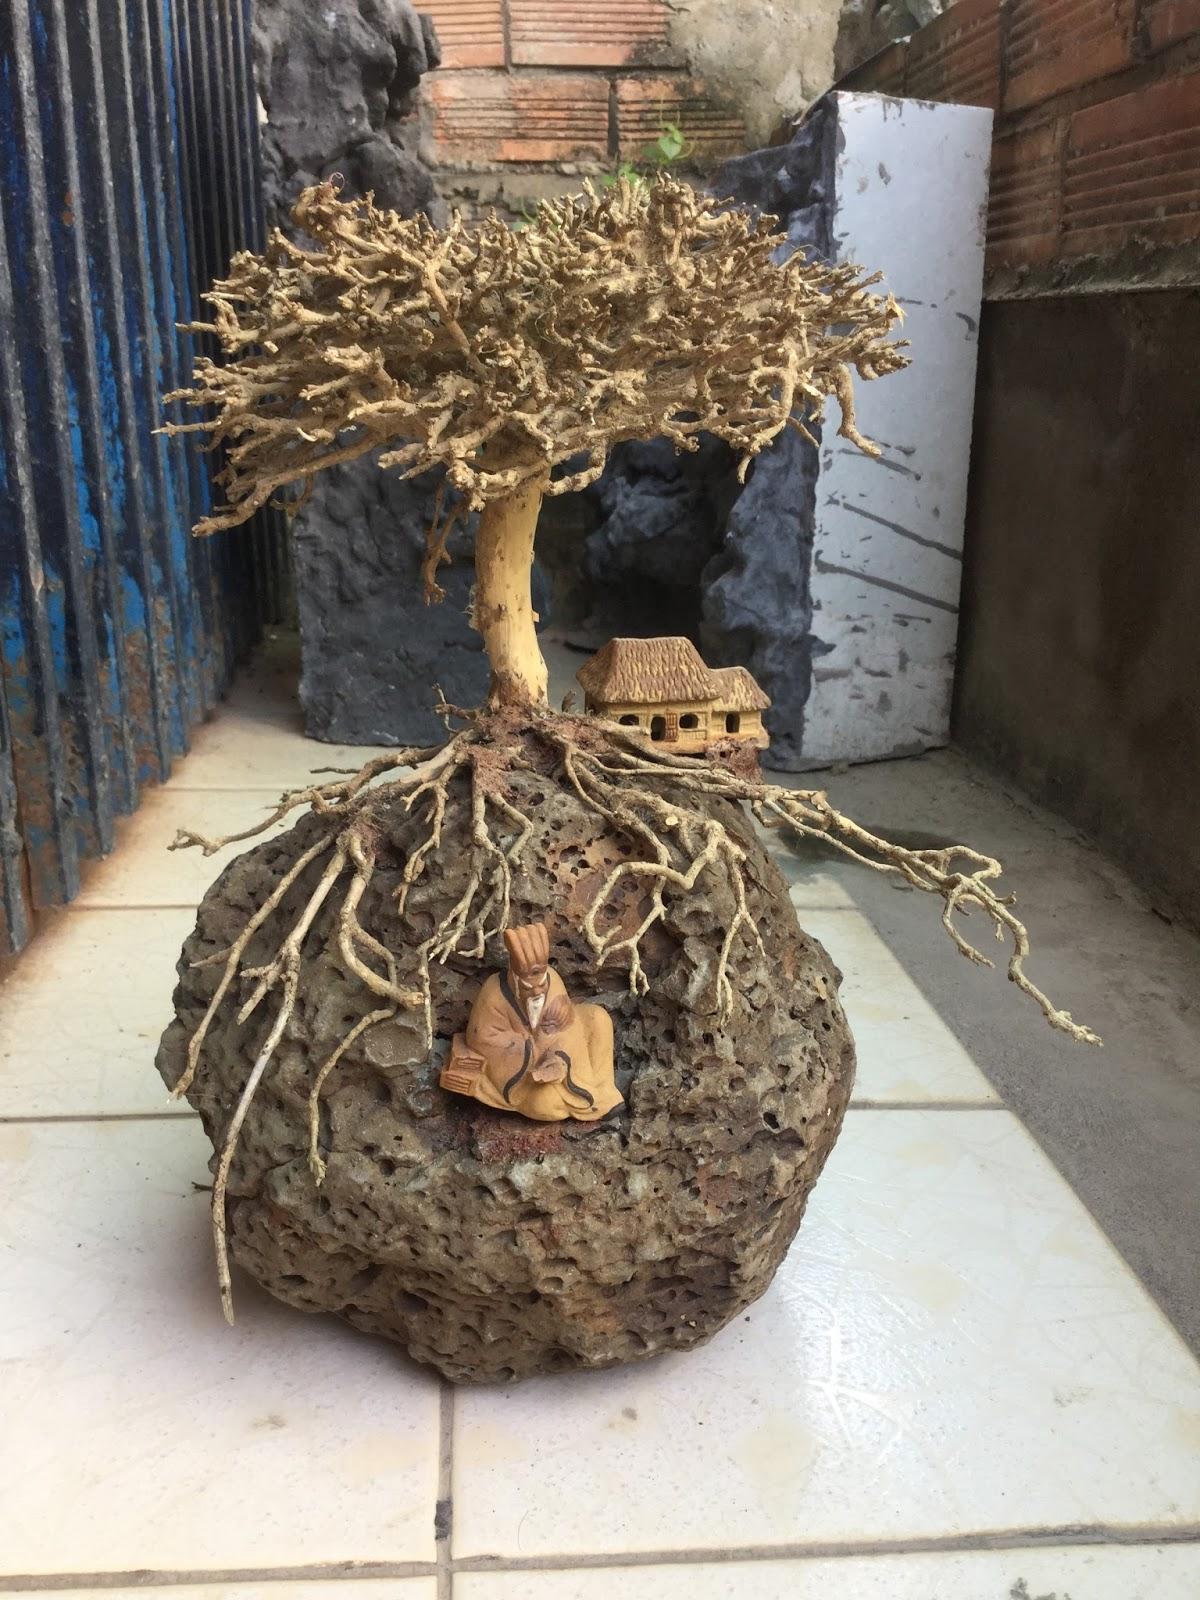 Lũa xương được dùng làm tán cây và cả rễ cây trong cây bon sai dùng trong hồ thủy sinh này